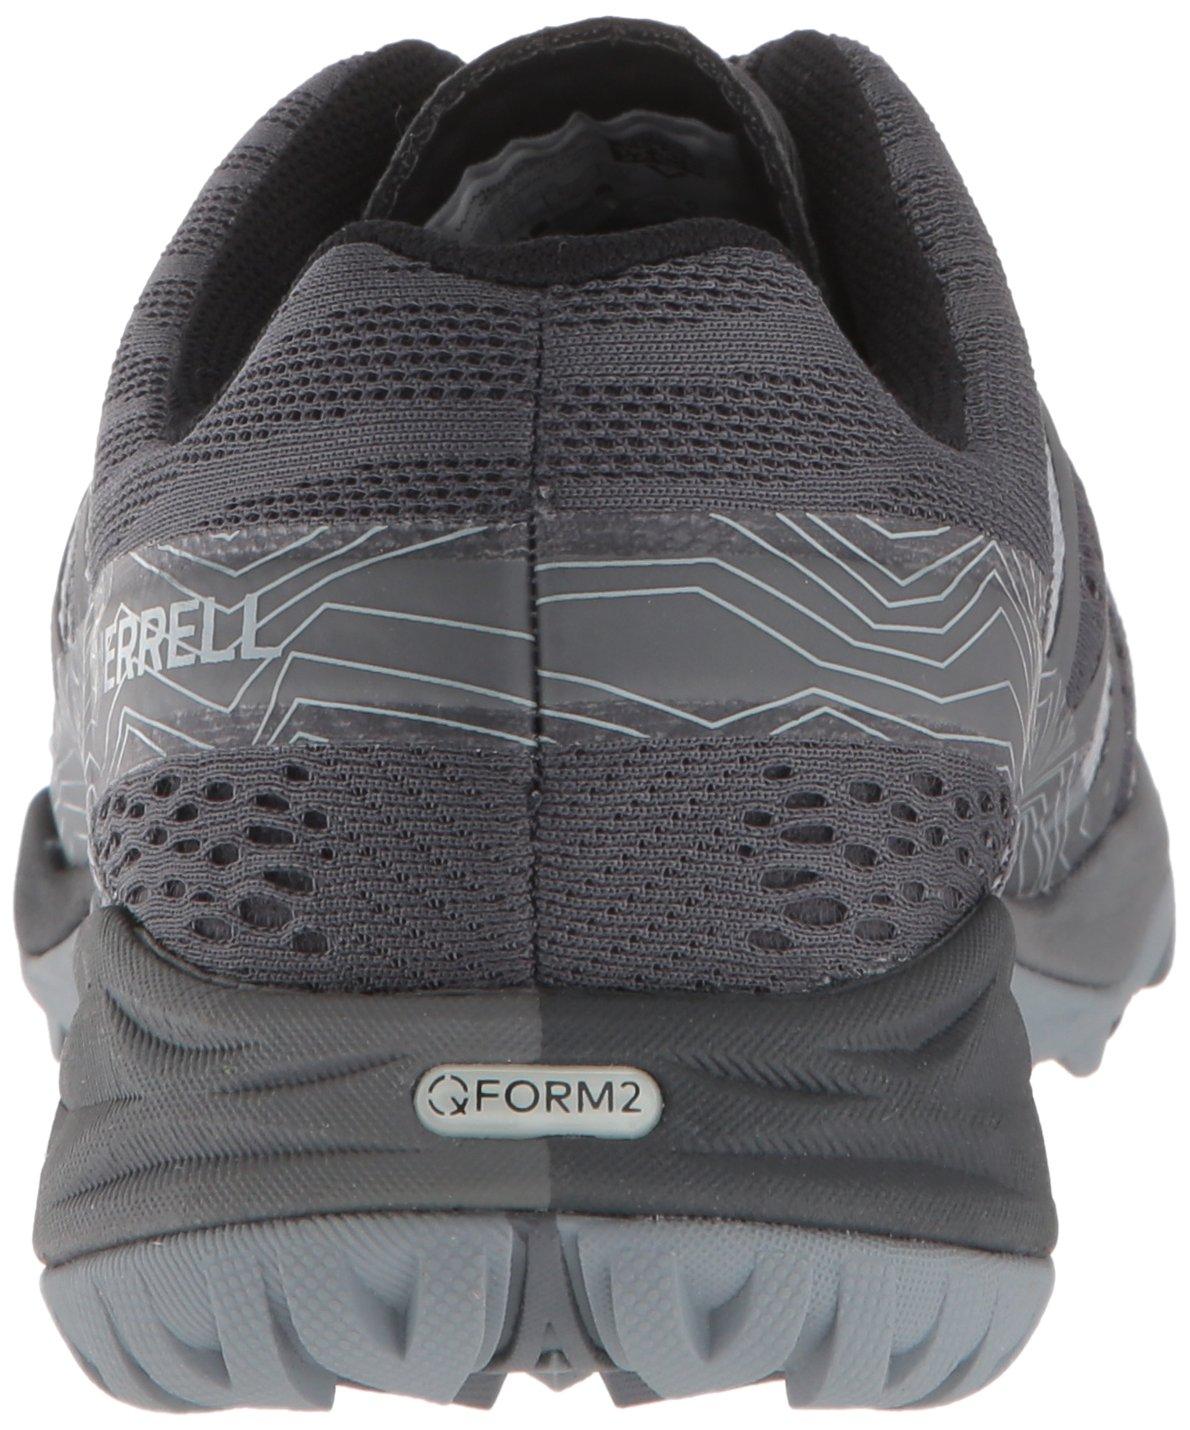 Merrell Women's Siren Hex Q2 E-Mesh Sneaker B078NG9G31 11 B(M) US|Granite